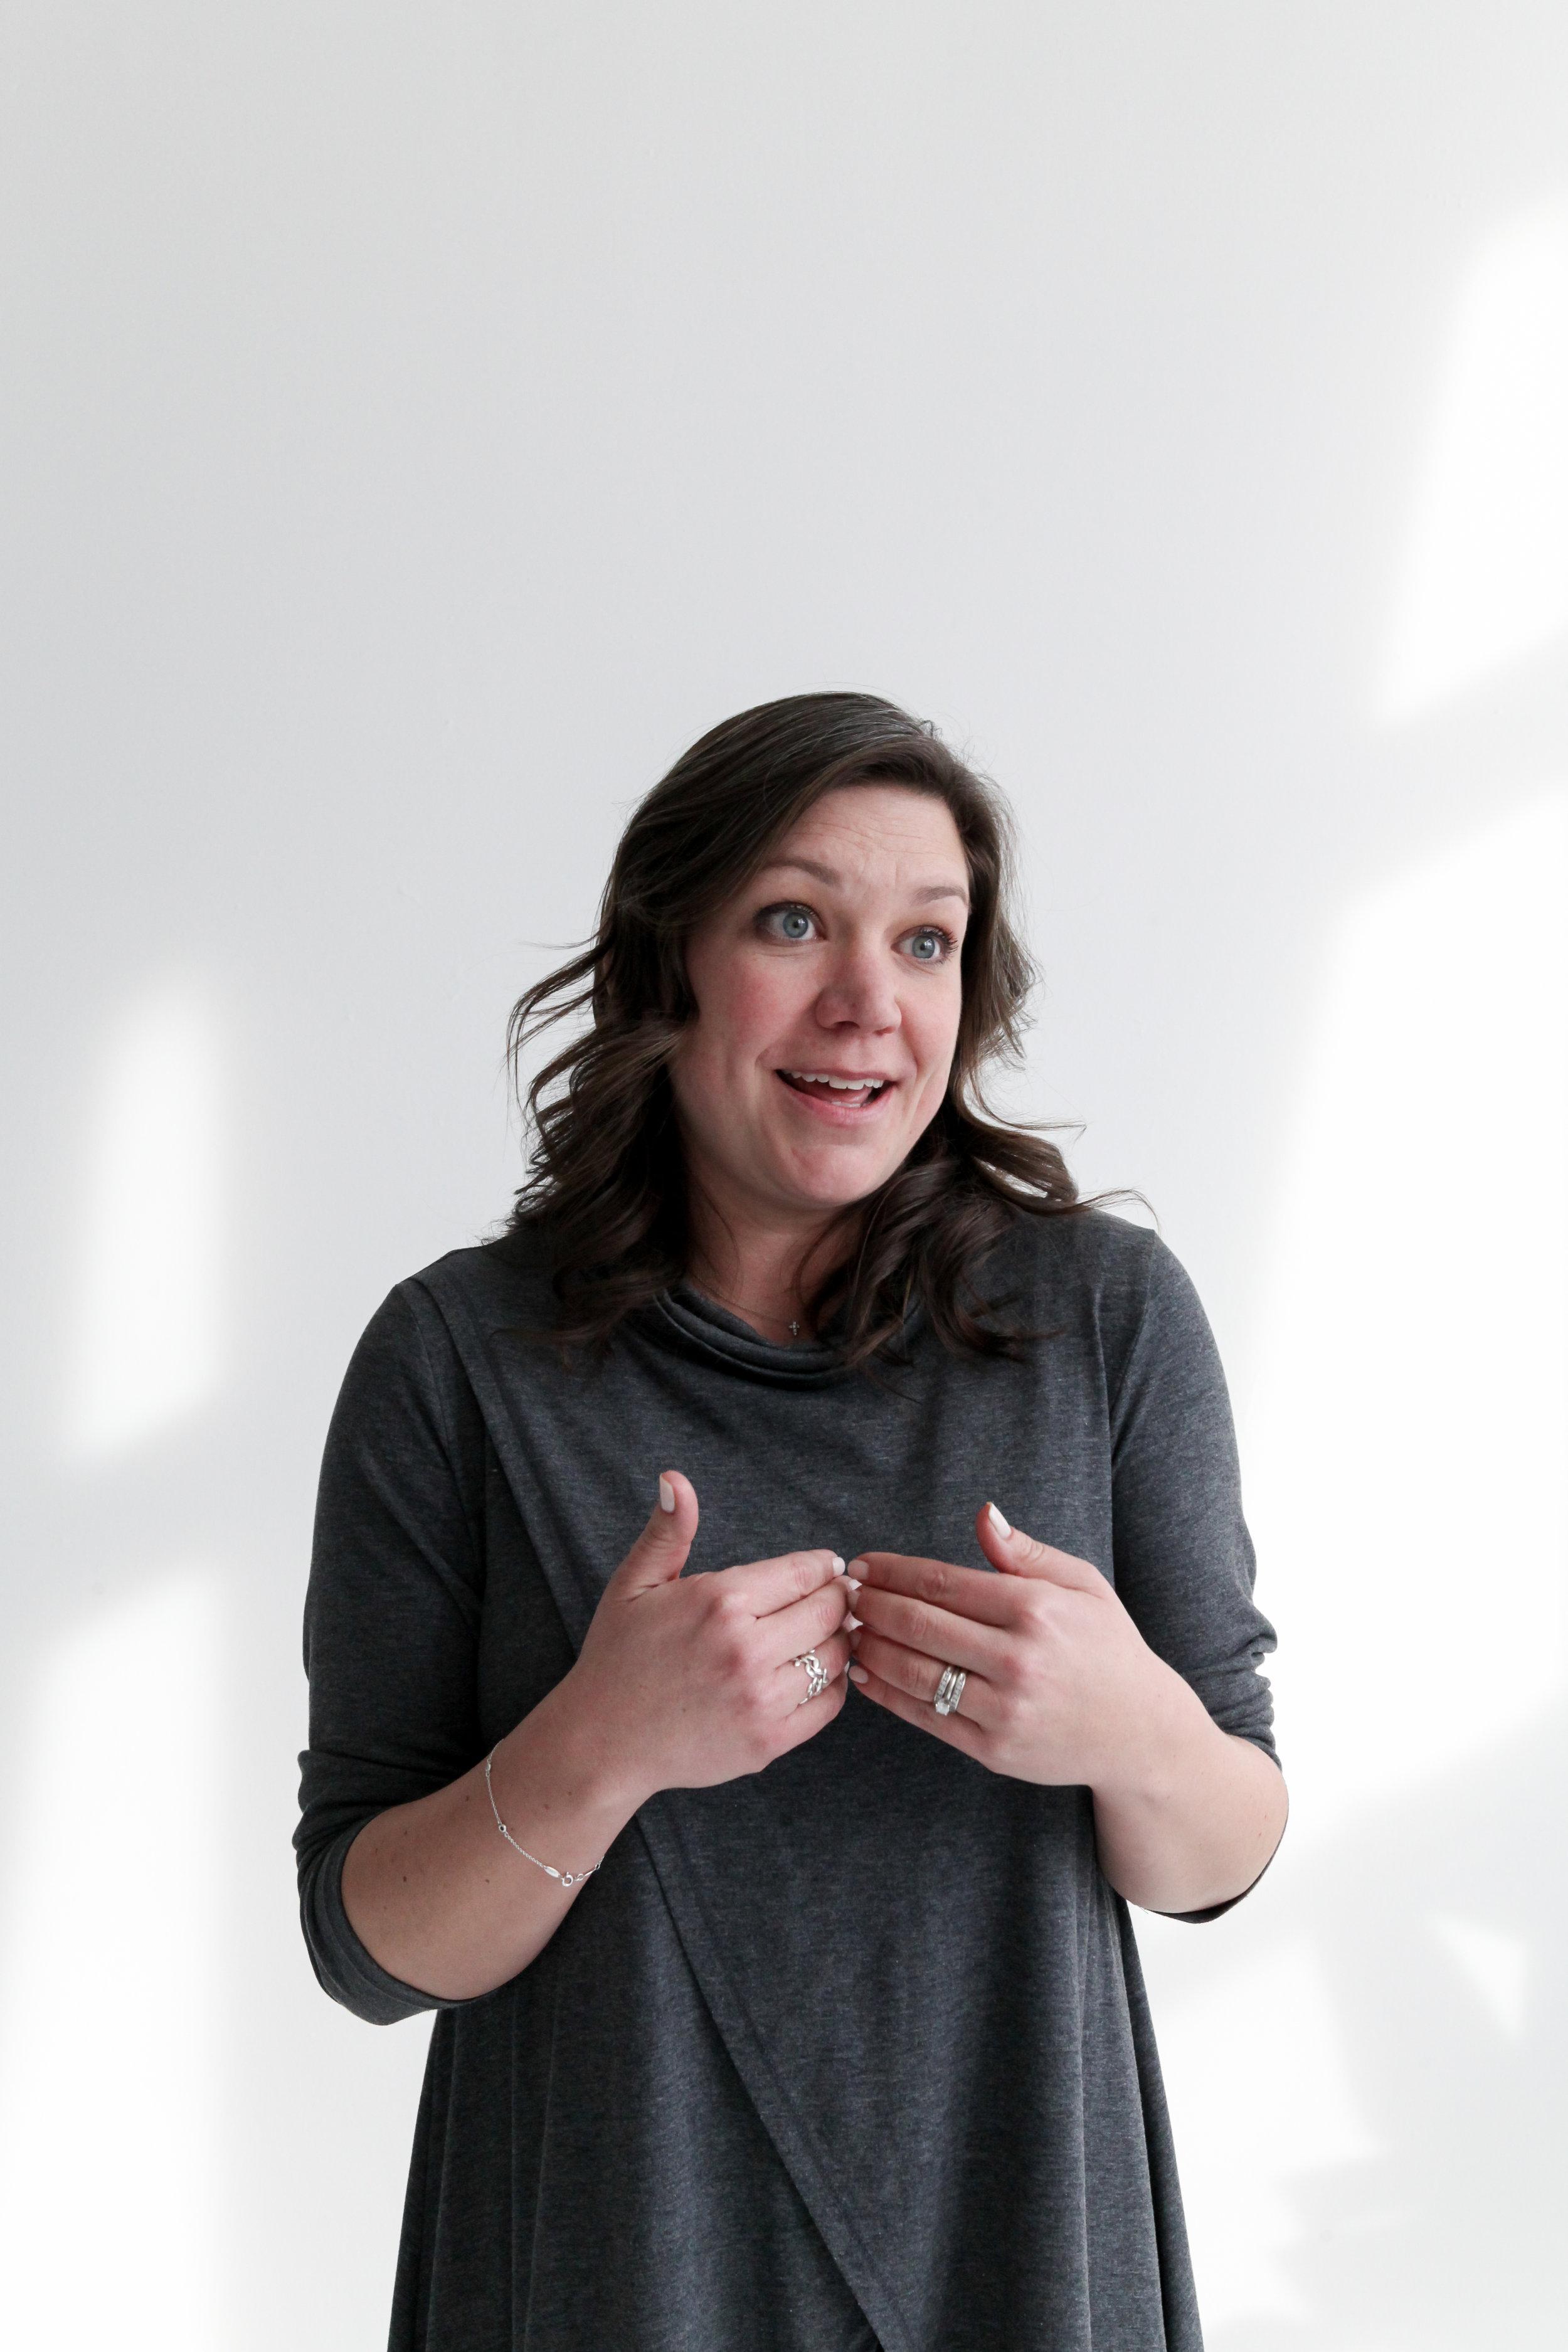 Melissa Pillman